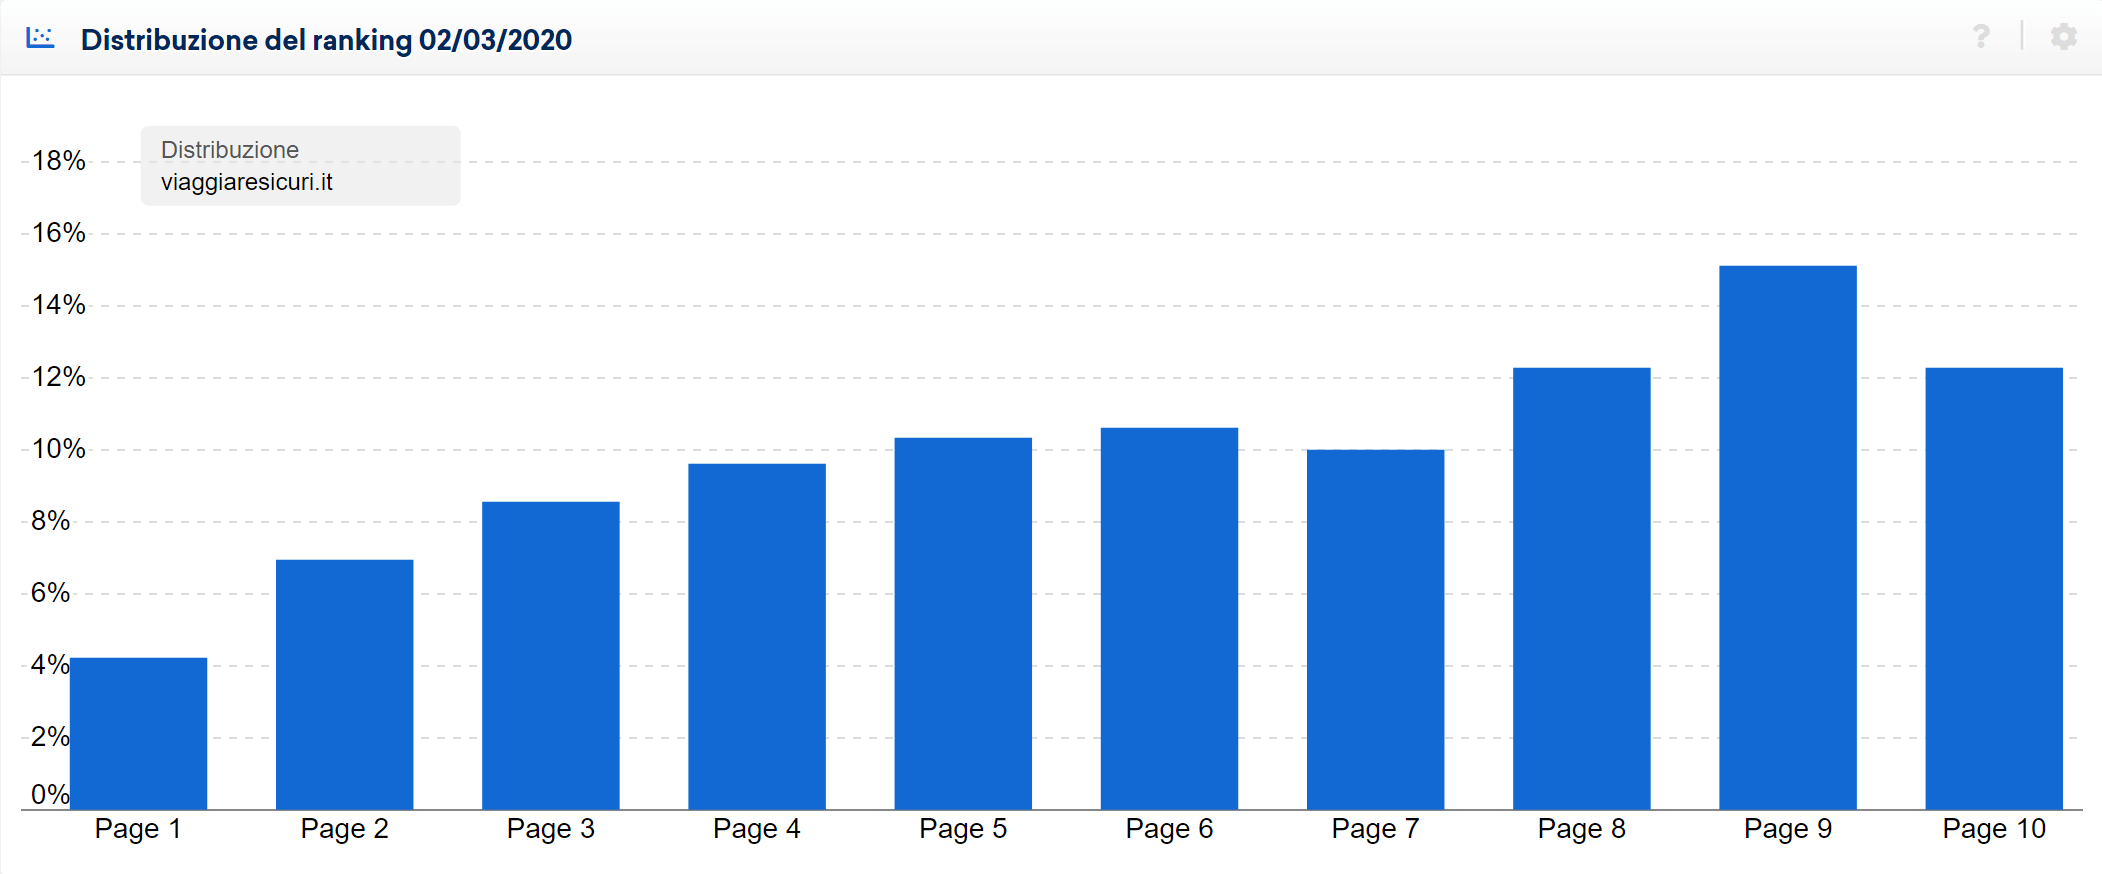 Distribuzione del ranking di viaggiaresicuri.it in data 2 marzo 2020